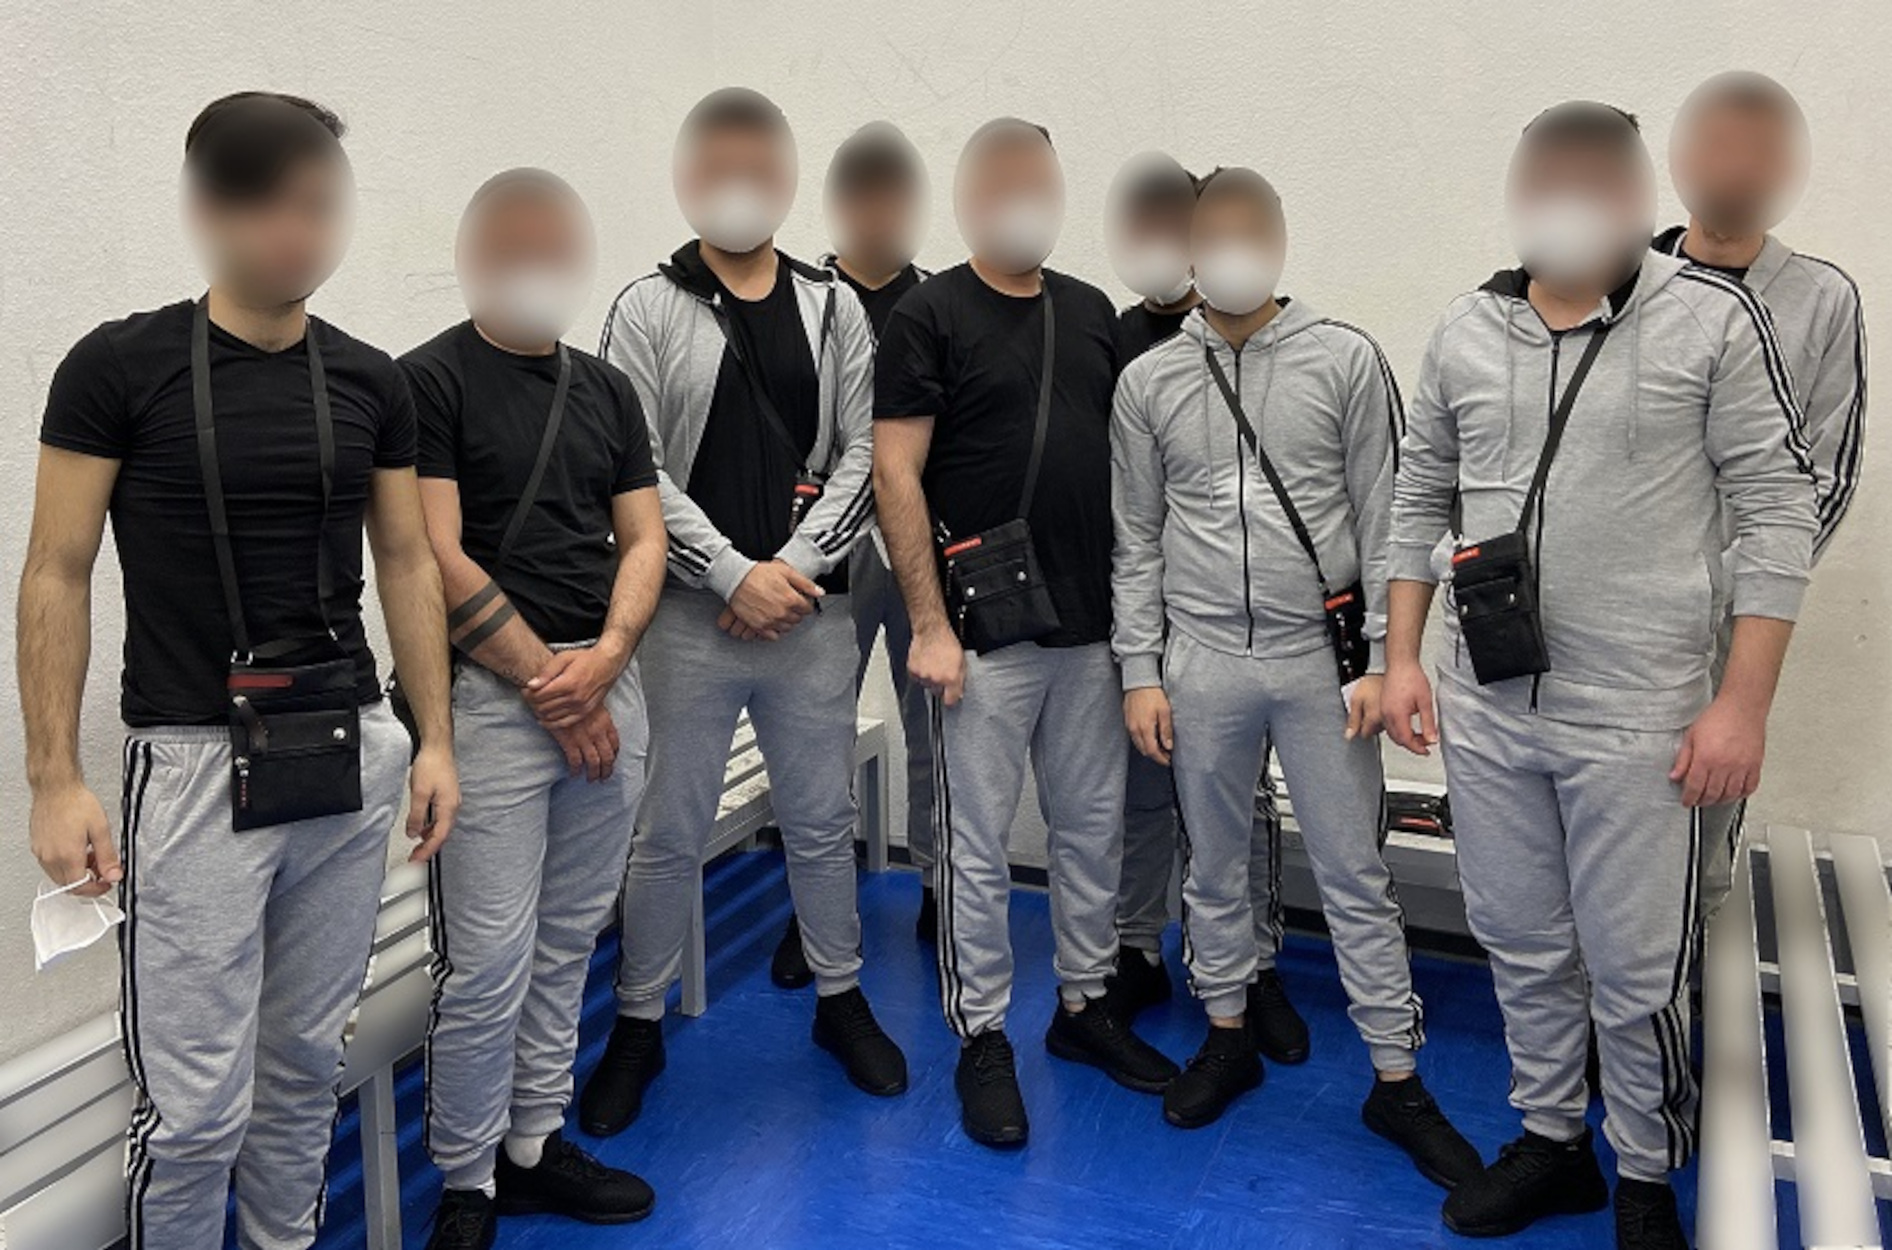 Σύροι παρίσταναν…την Ρουμάνικη εθνική ομάδα βόλεϊ για να φύγουν από την Ελλάδα!